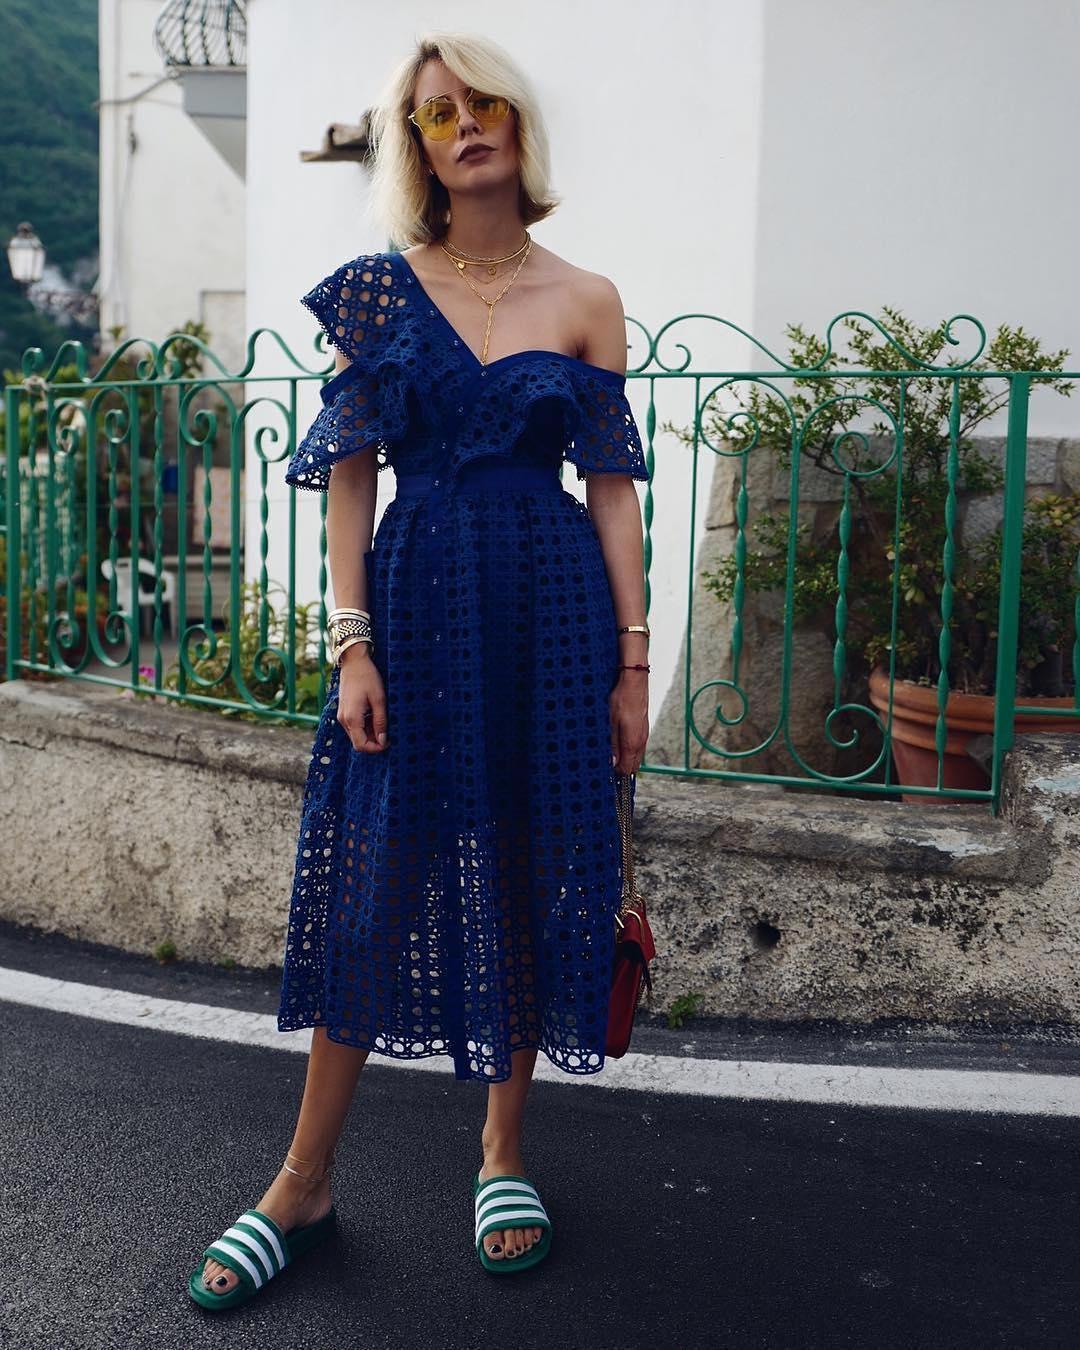 Impressive Off Shoulder Cocktail Dress For Summer